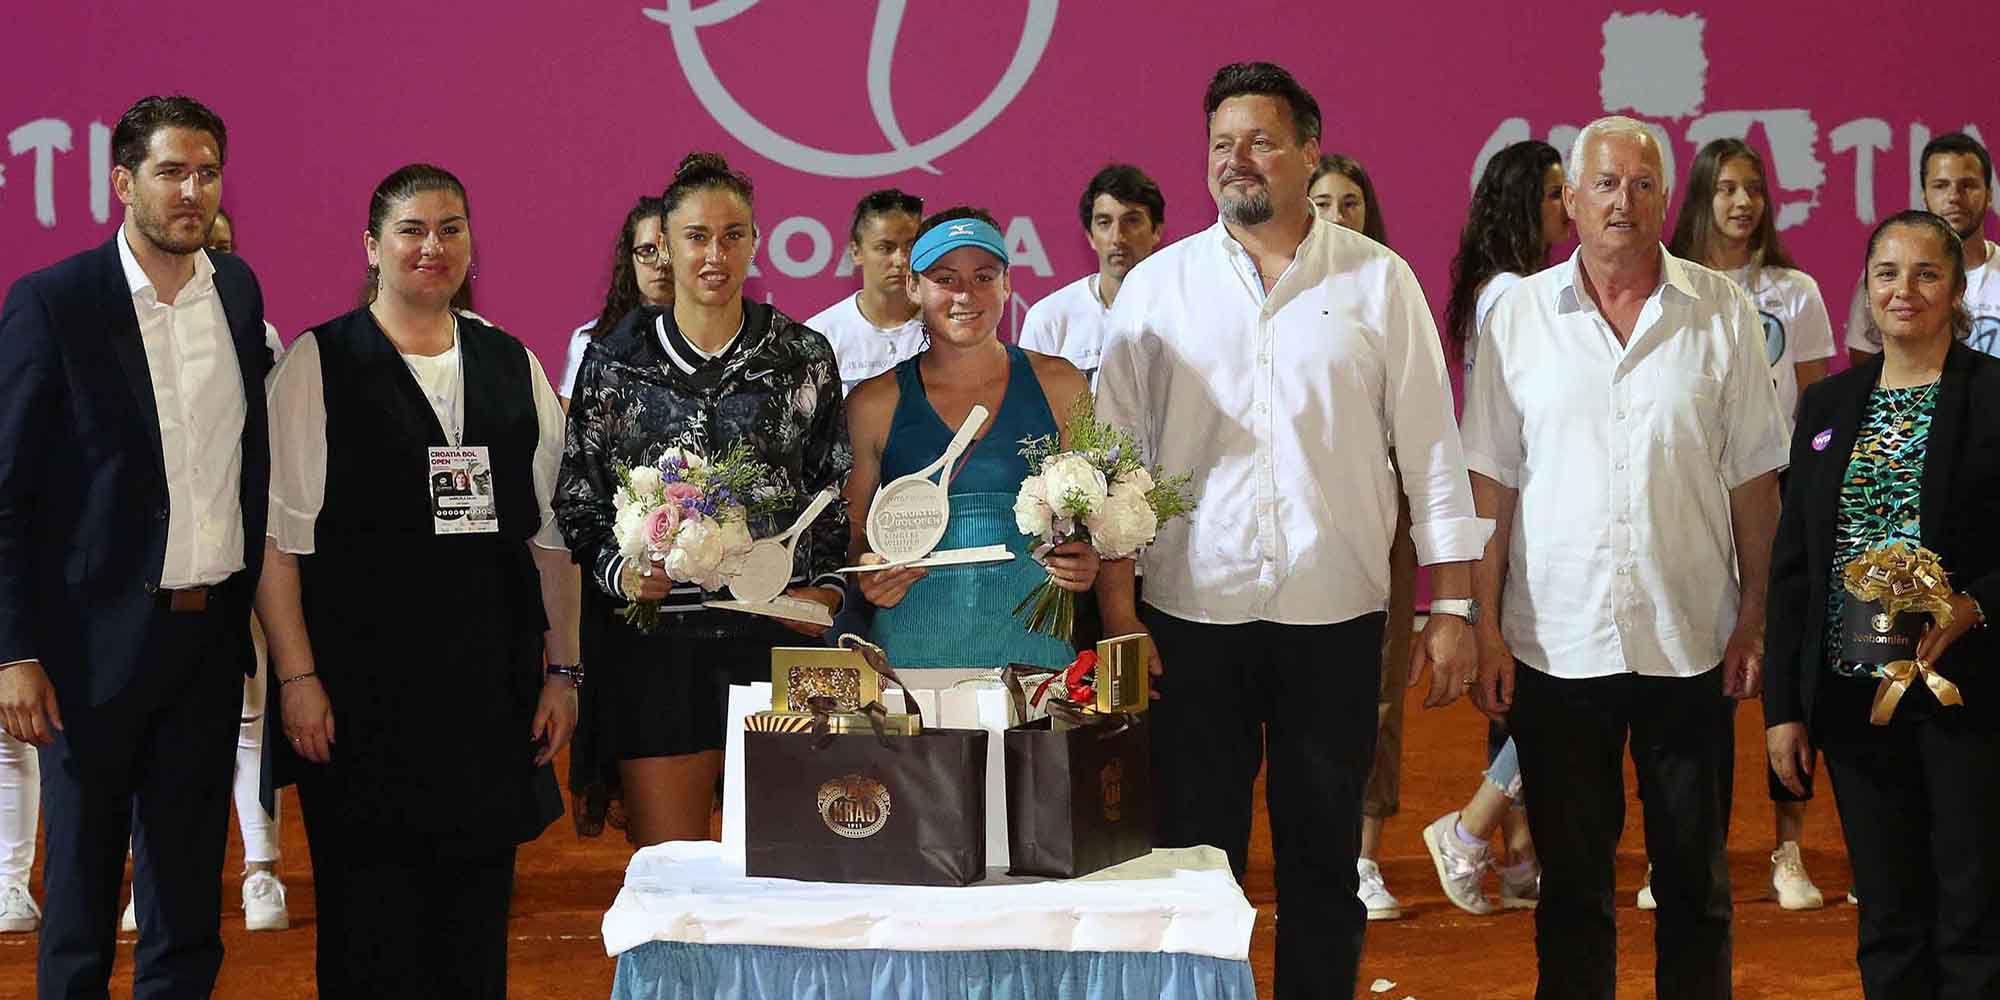 La premiazione della quarta edizione del Croatia Bol Open, vinto dalla slovena Tamara Zidansek, numero 59 WTA